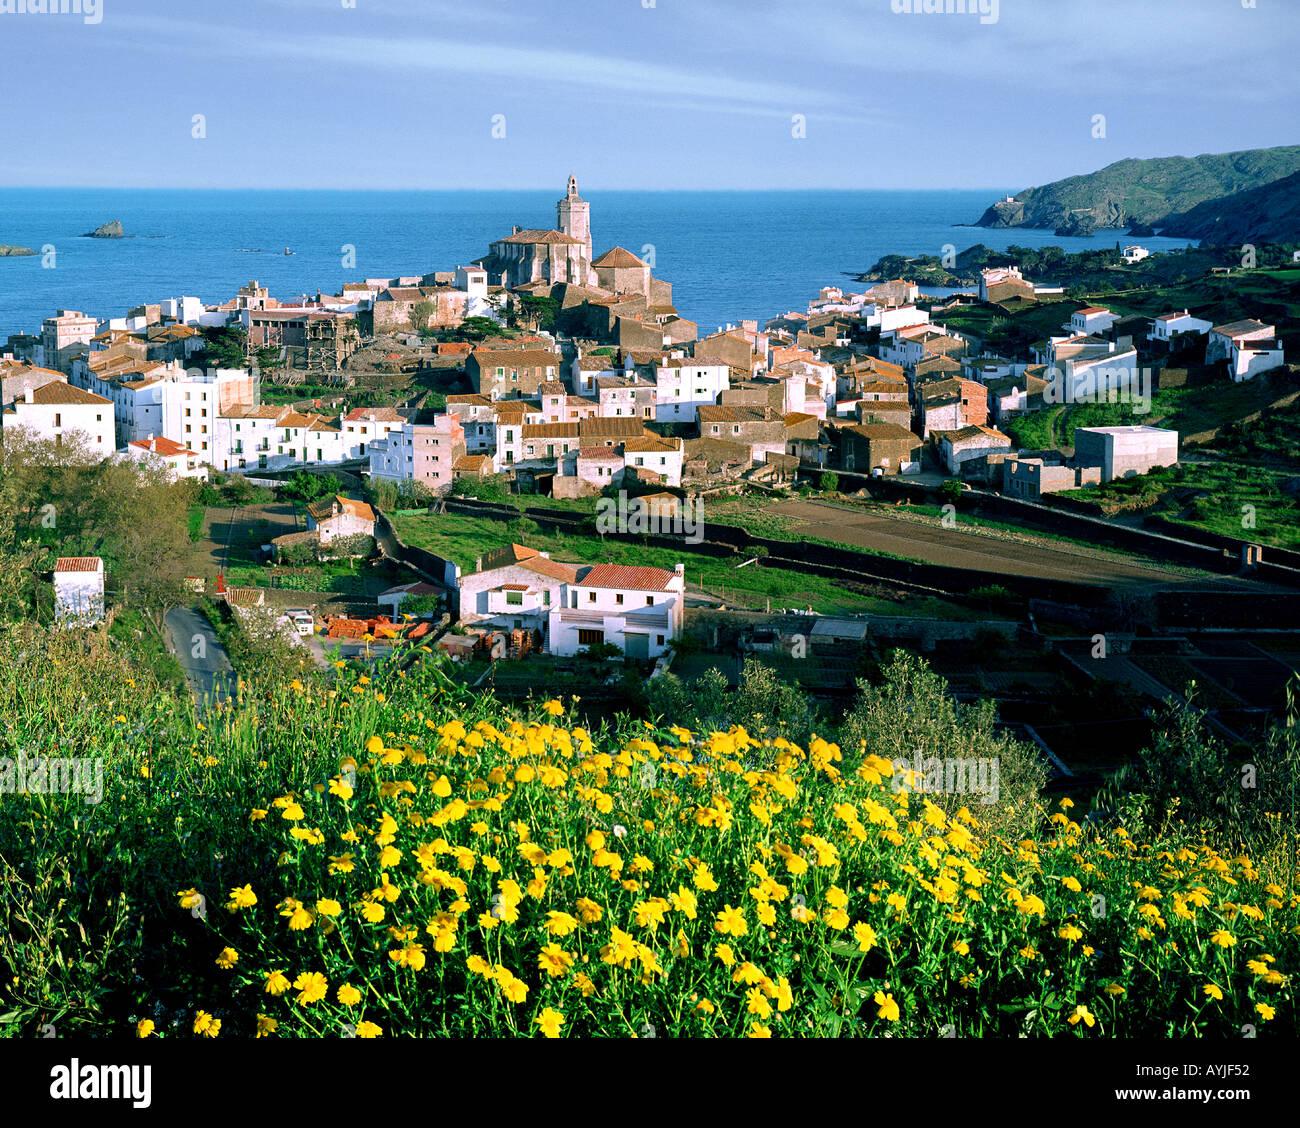 ES - CATALONIA: Dorf von Cadaques Stockbild